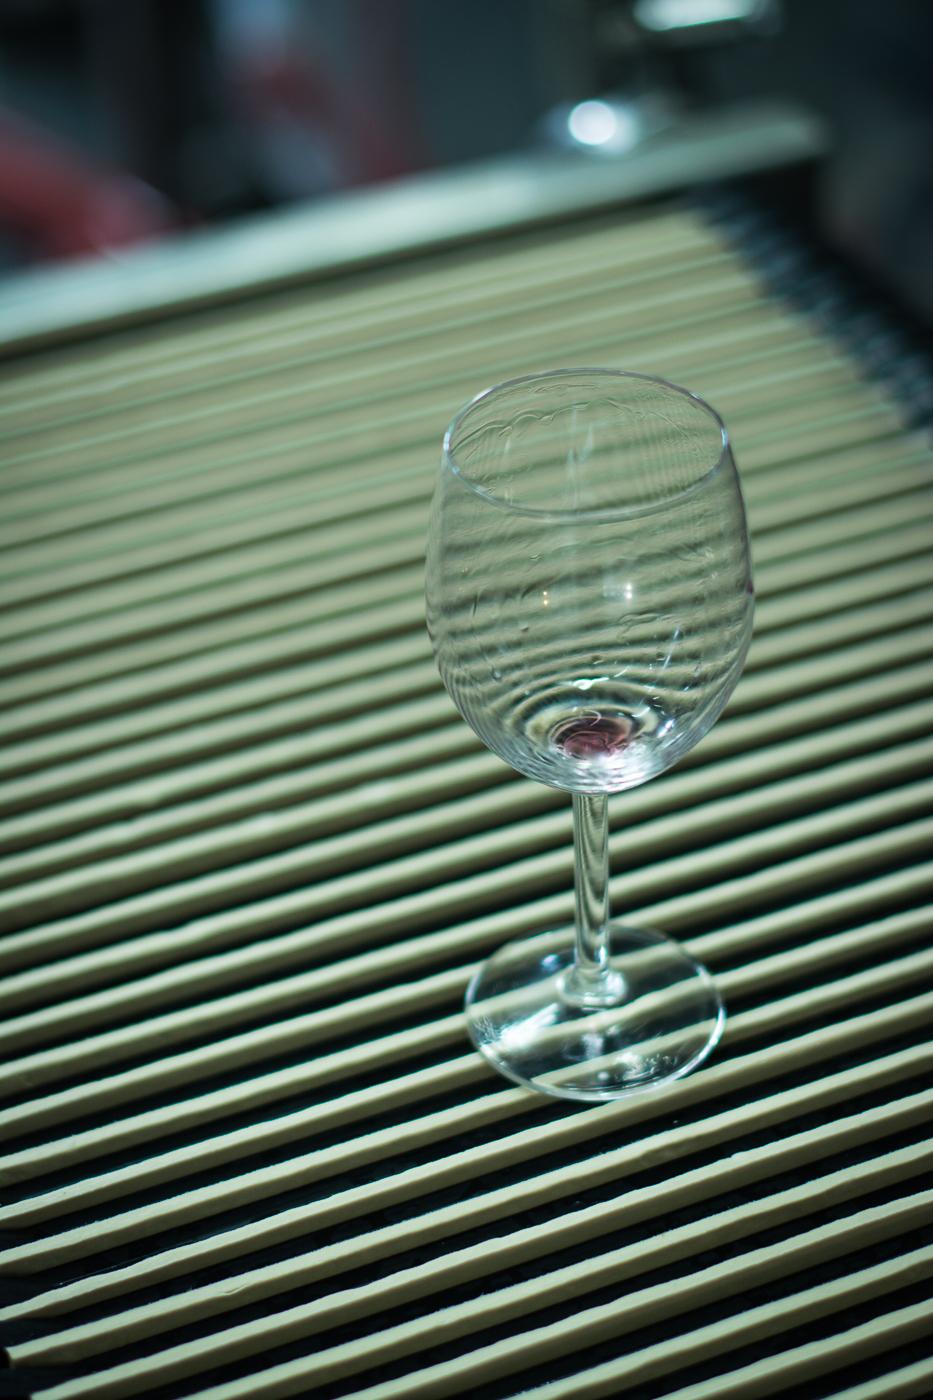 sklenka-vinarstvi.jpg